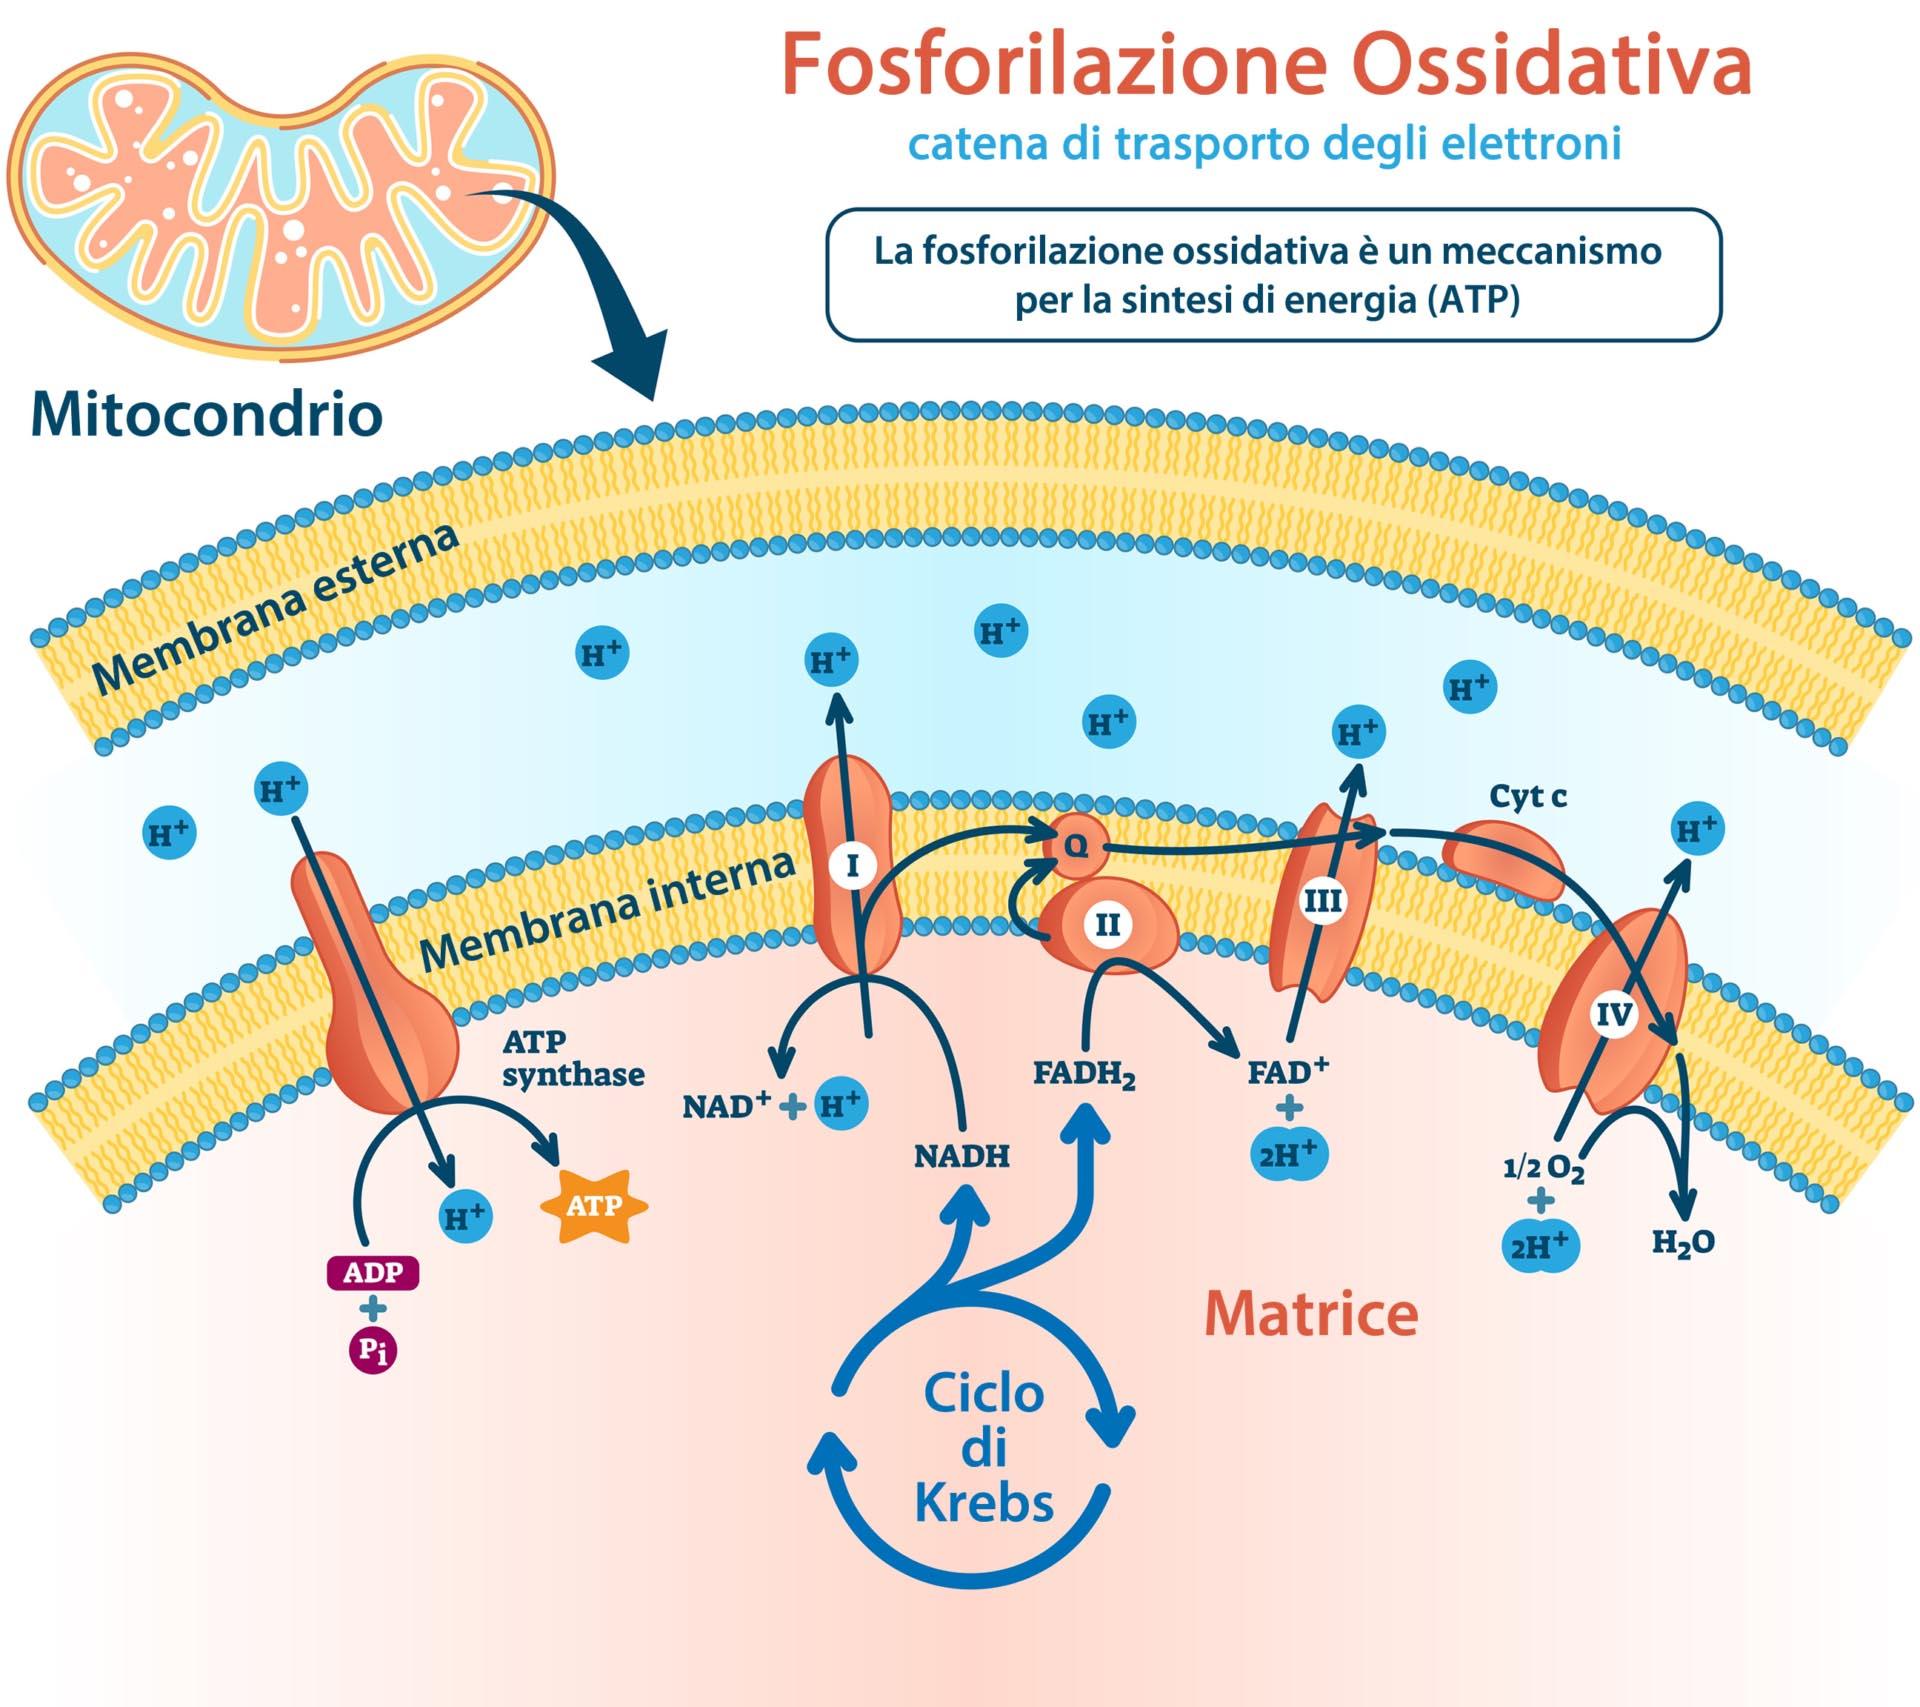 Fosforilazione ossidativa - catena di trasporto degli elettroni